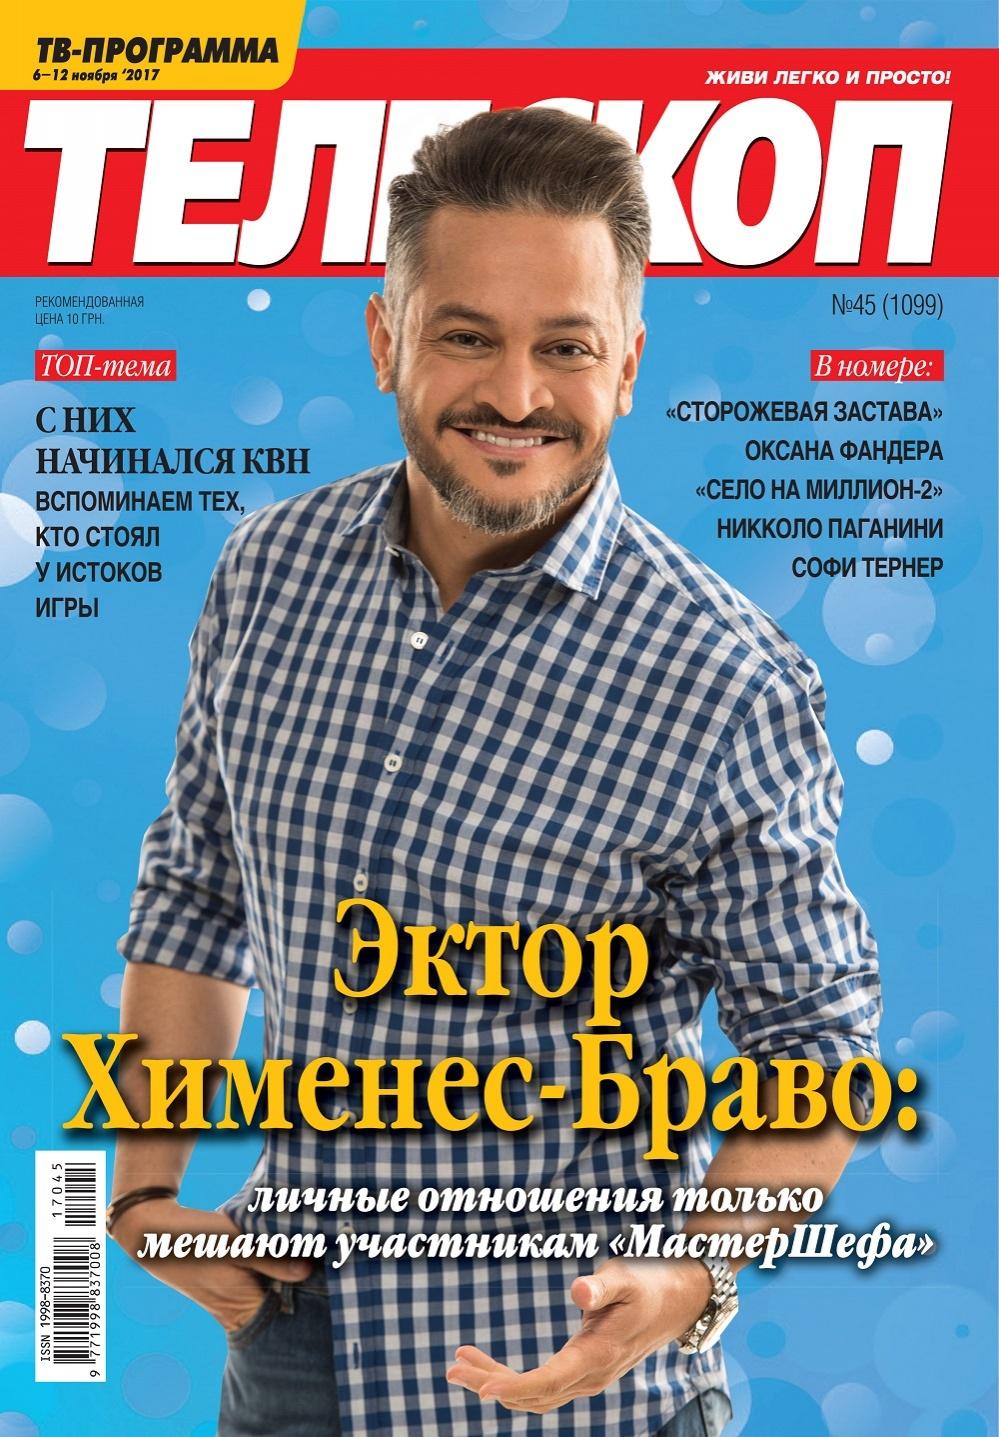 ektor-himenes-bravo-lichnye-otnosheniya-tolko-meshayut-uchastnikam-mastershefa_01